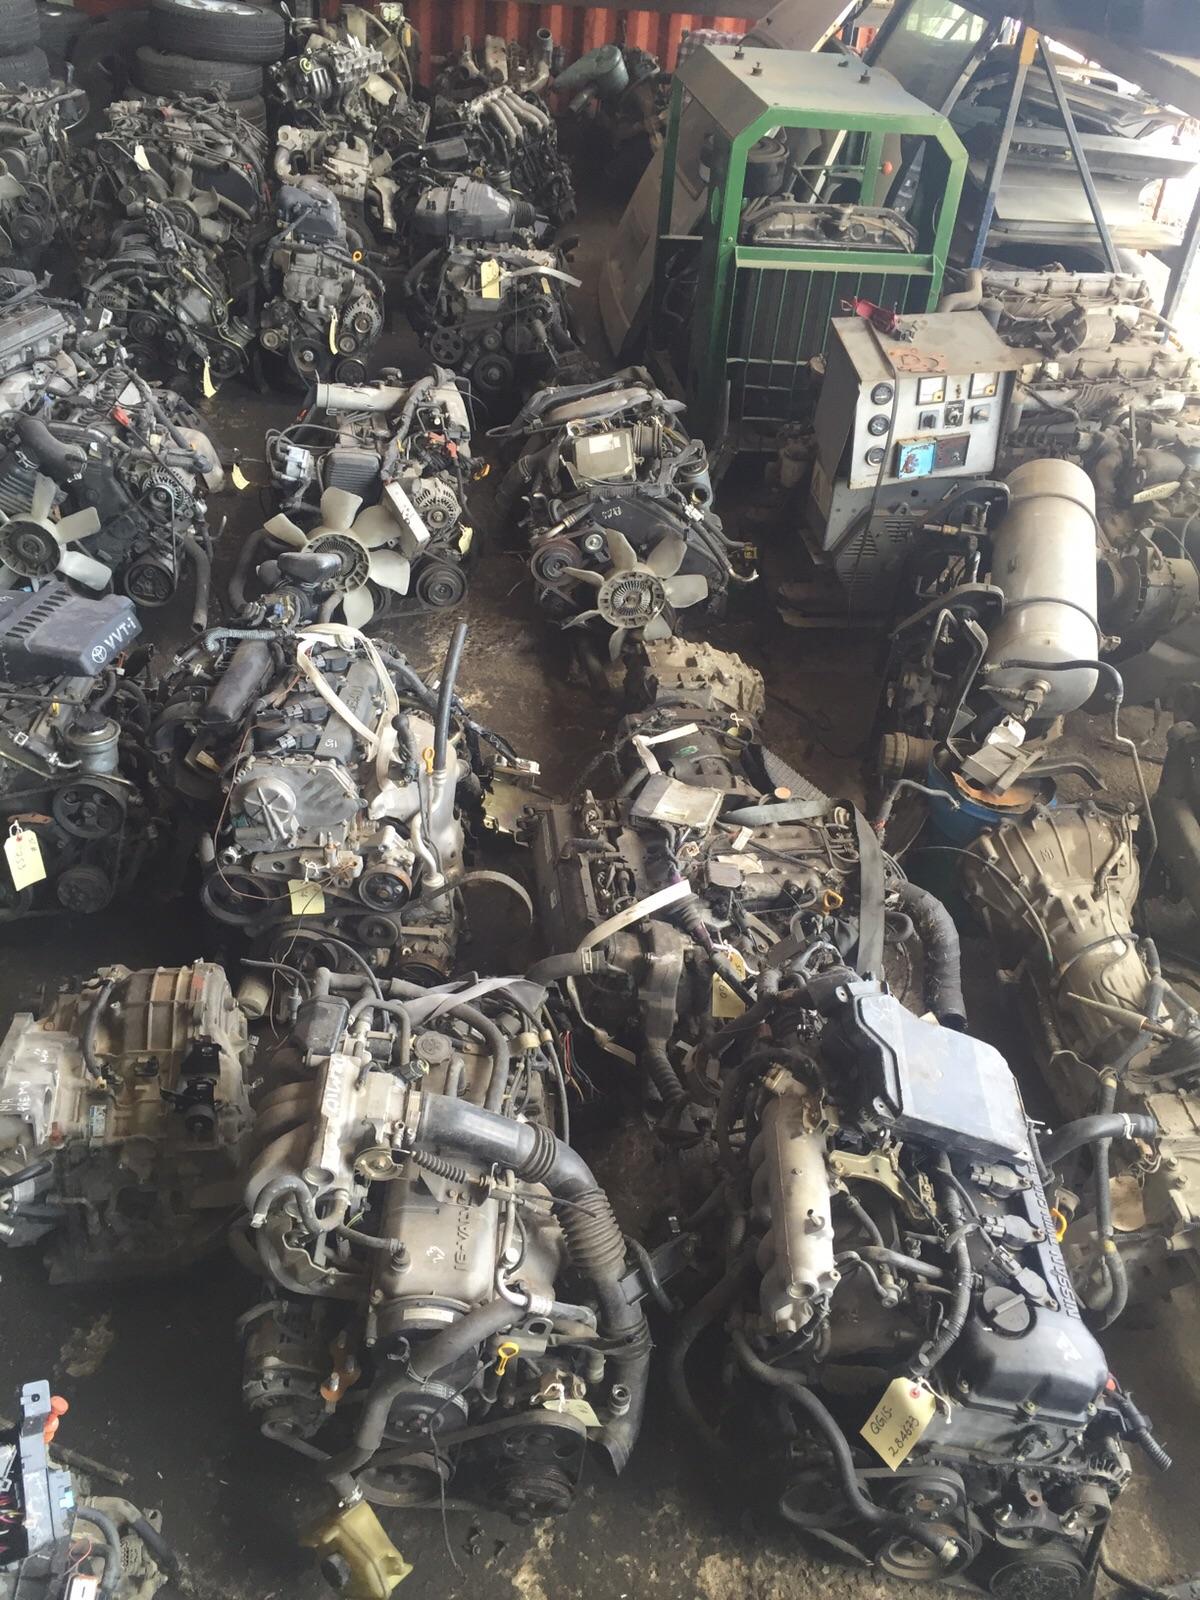 Japanese used auto engines in Harare, Zimbabwe